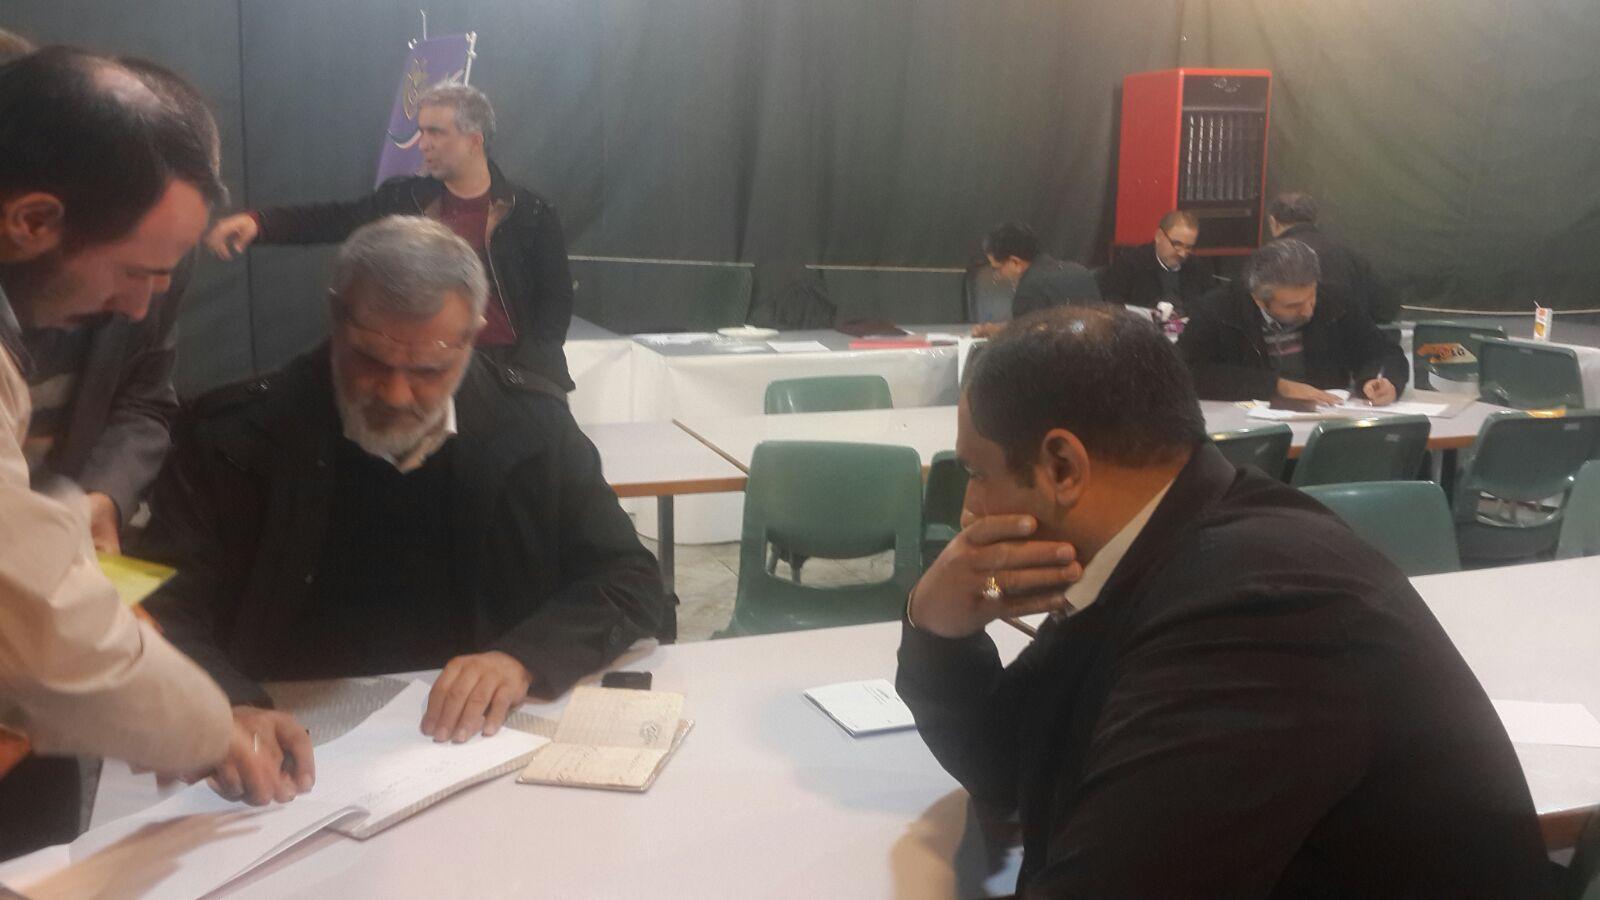 رویانیان کاندیدای انتخابات مجلس شد + عکس